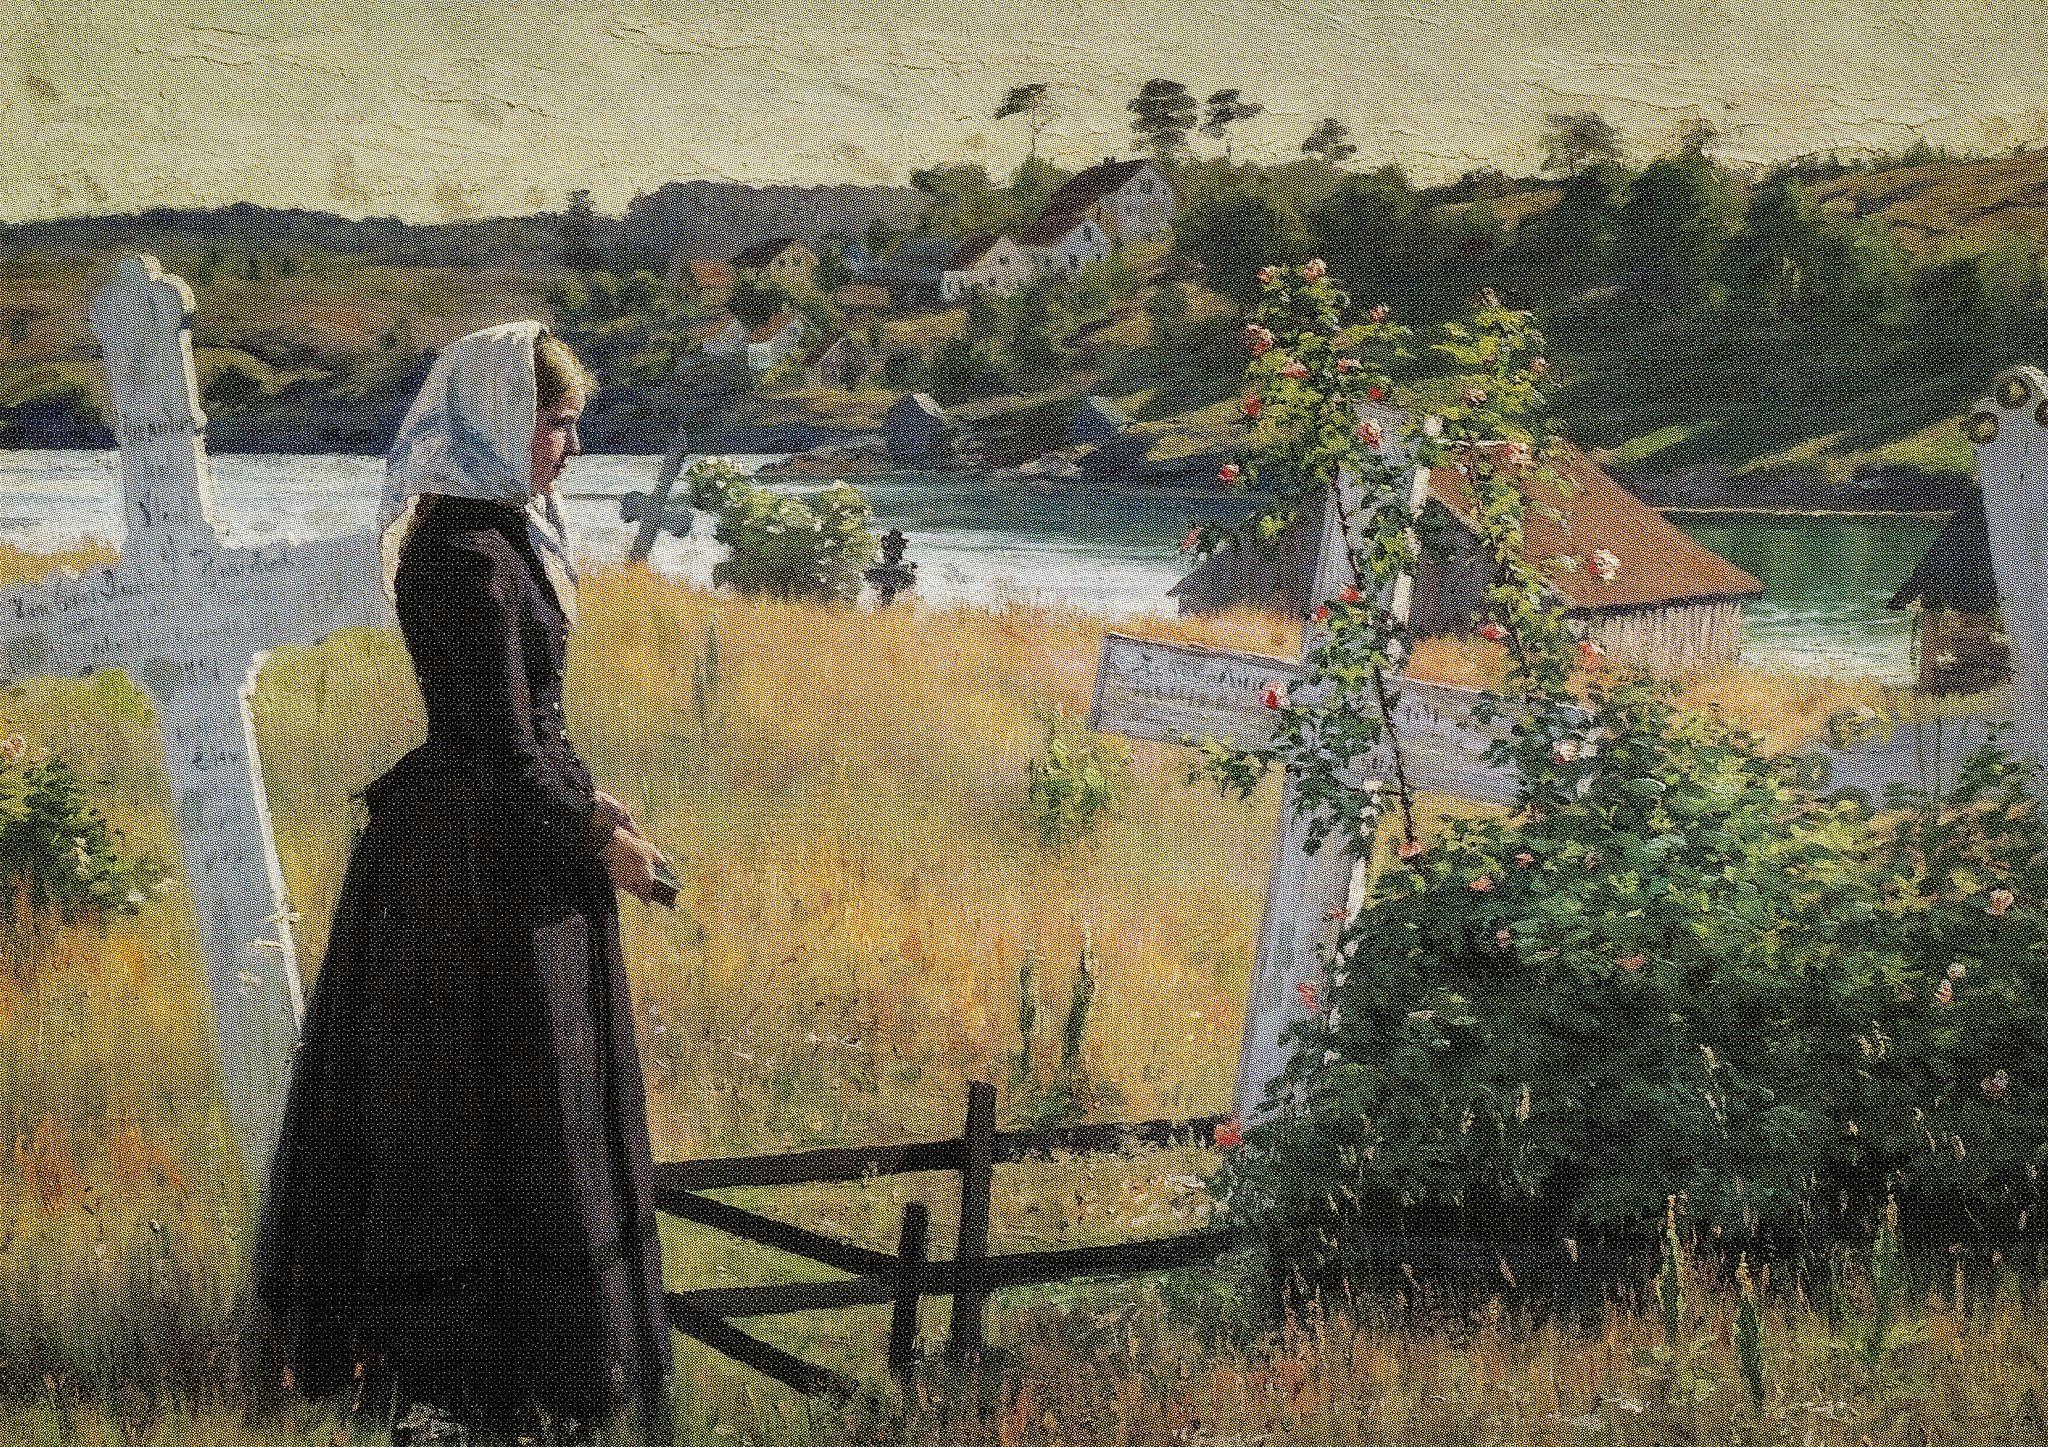 https://flic.kr/p/VvYD4f | Jacob Bratland - Po kirkegarden, 1889 at Bergen Kunstmuseum Norway | Jacob Bratland - Po kirkegarden, 1889 at Bergen Kunstmuseum Norway